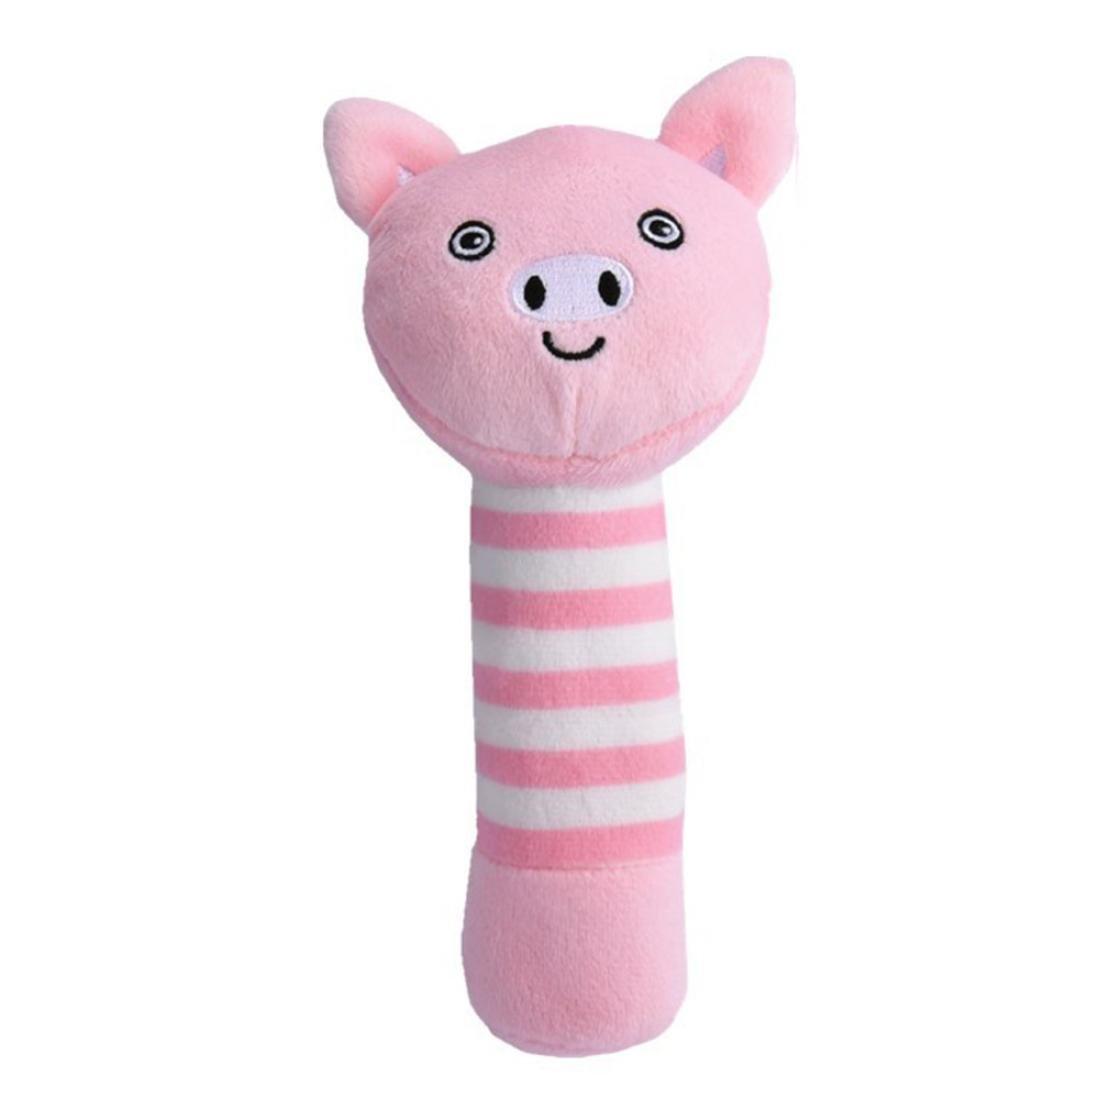 GBSELL ベビー 乳幼児 ソフト フラシ天 動物 ラトル ハンドベル 発達玩具 1-3 Year  豚 B07DXZ8CW6